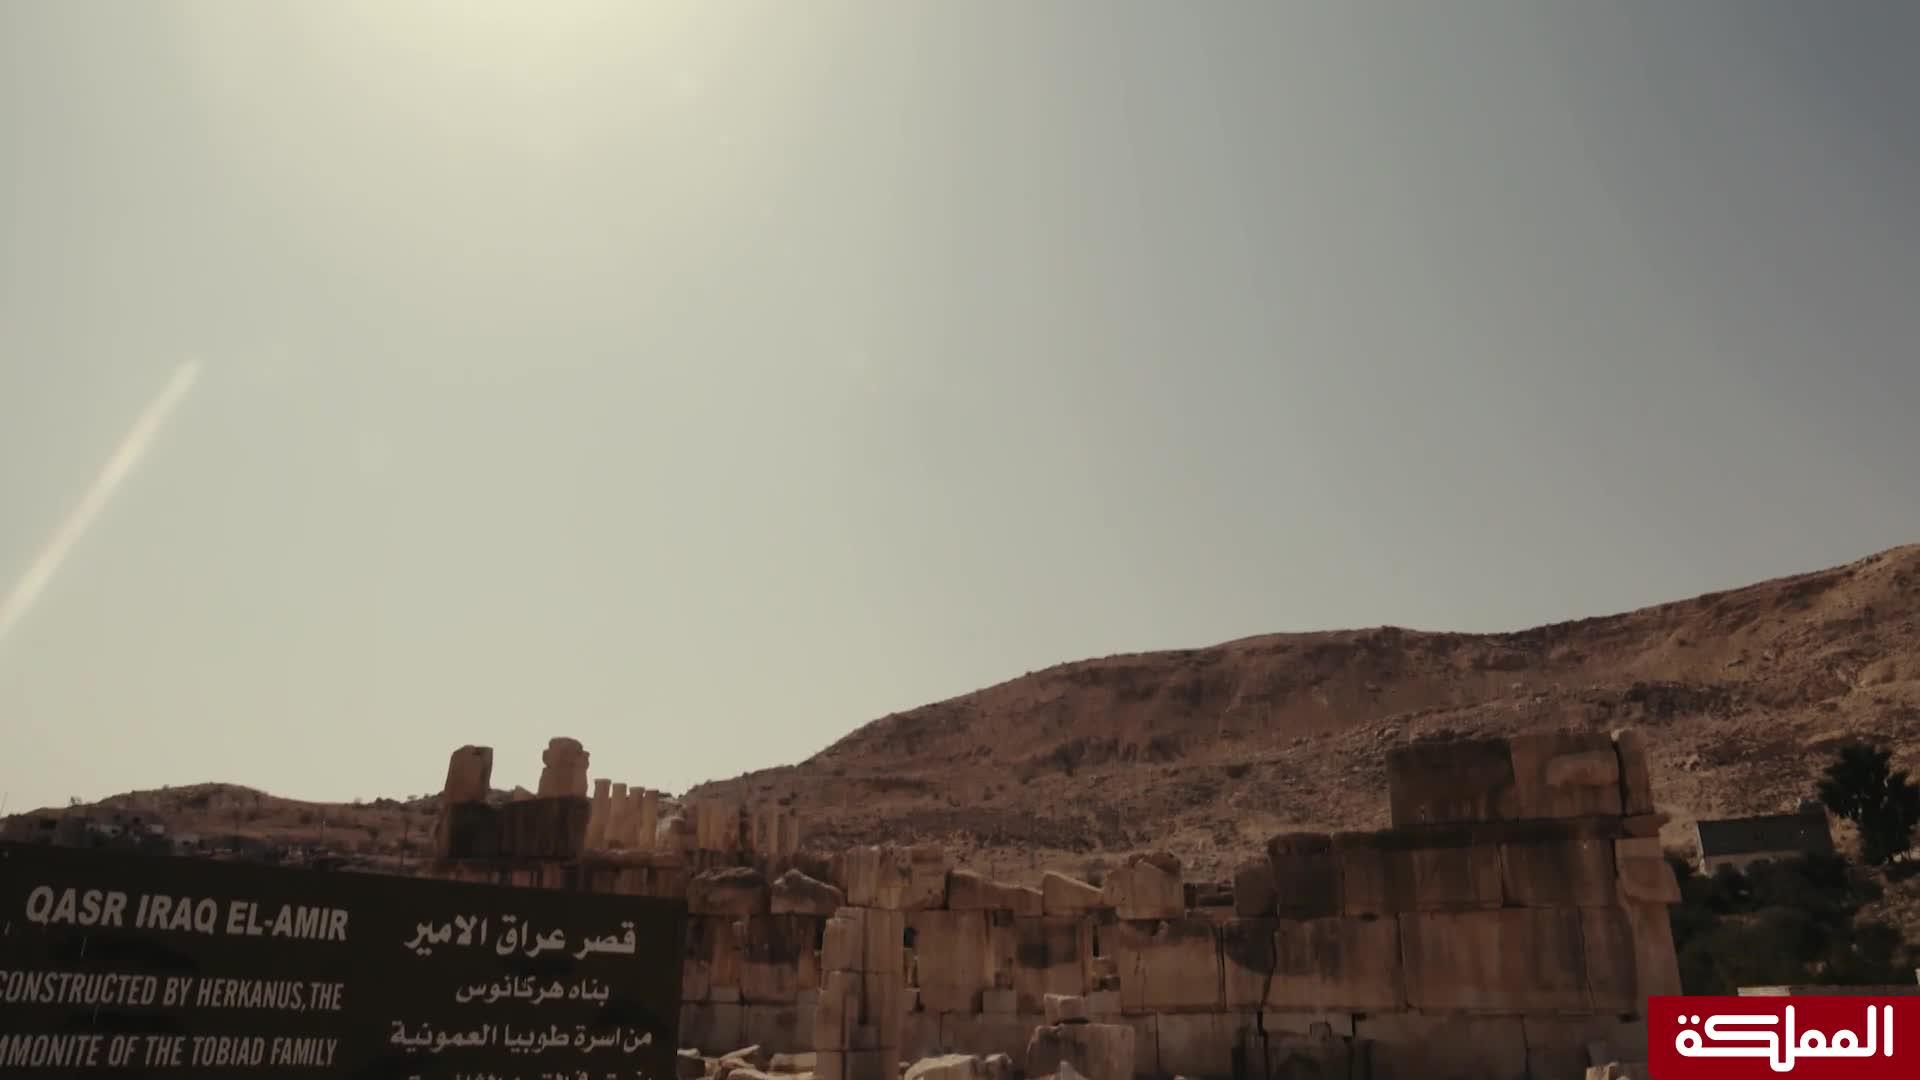 بوح القرى   قرية عراق الأمير